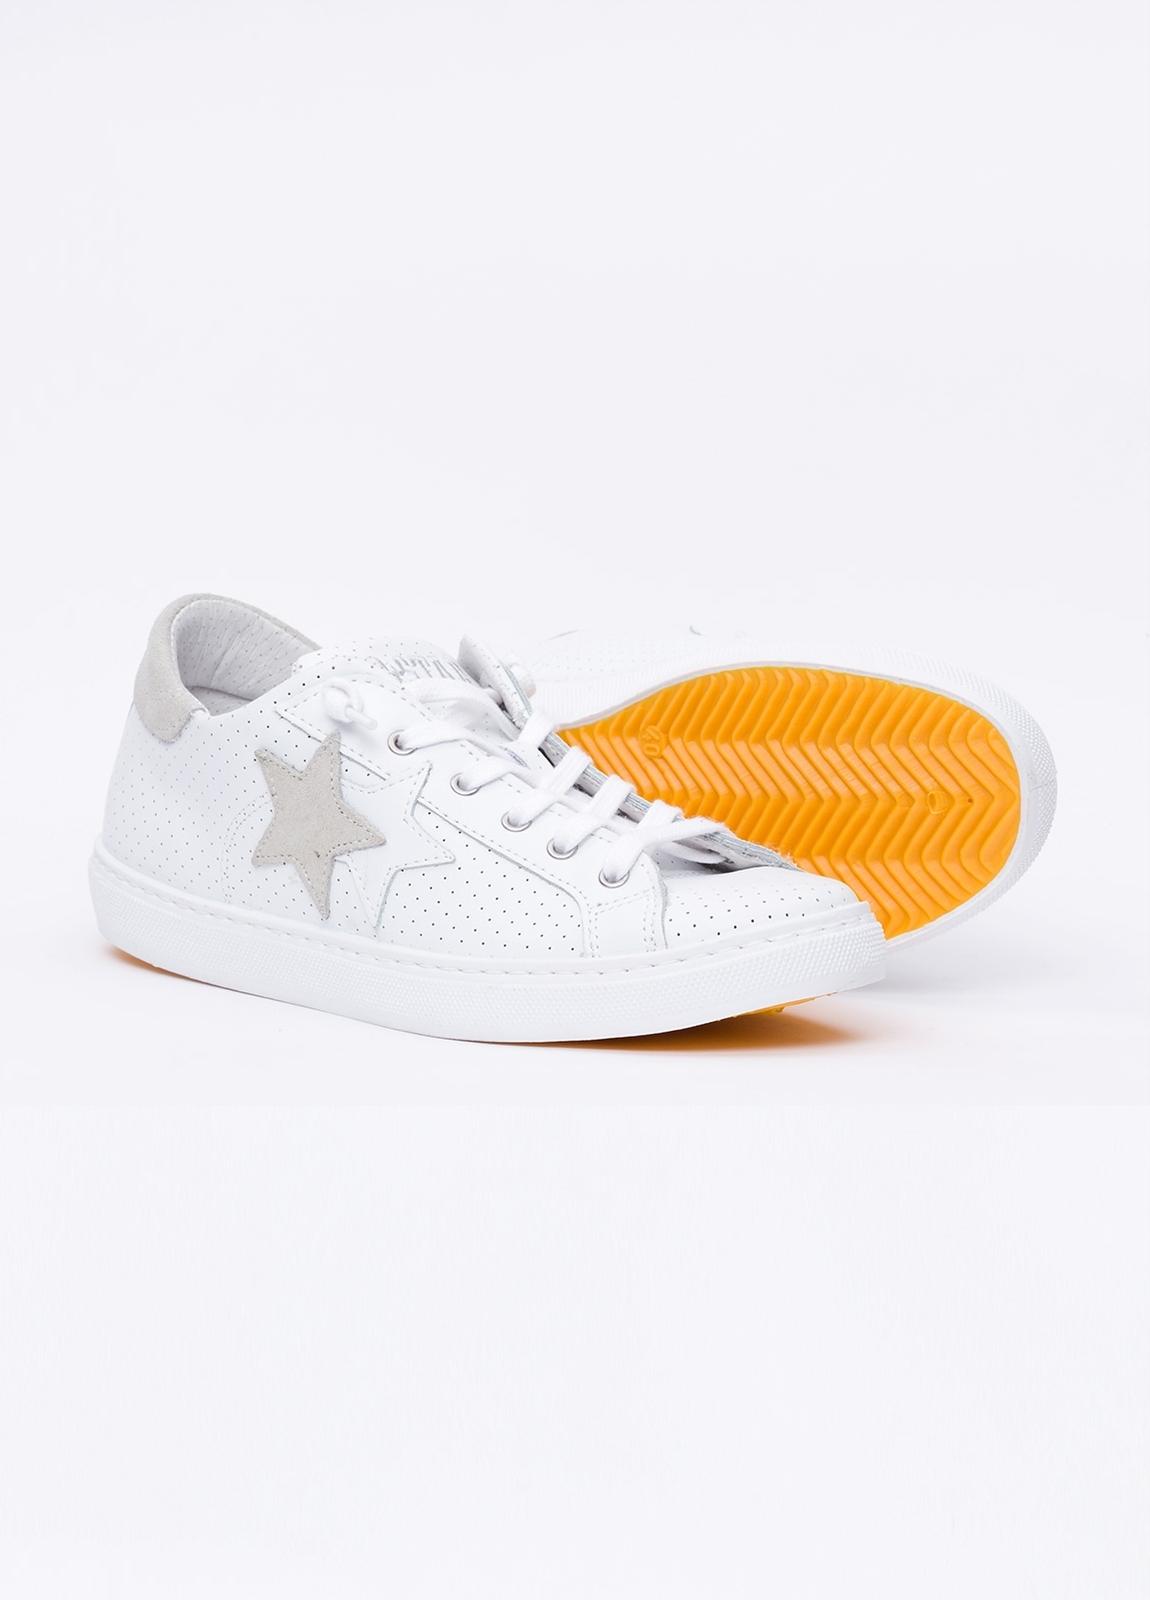 Calzado sport color blanco con detalles beige. 100% Piel. - Ítem3